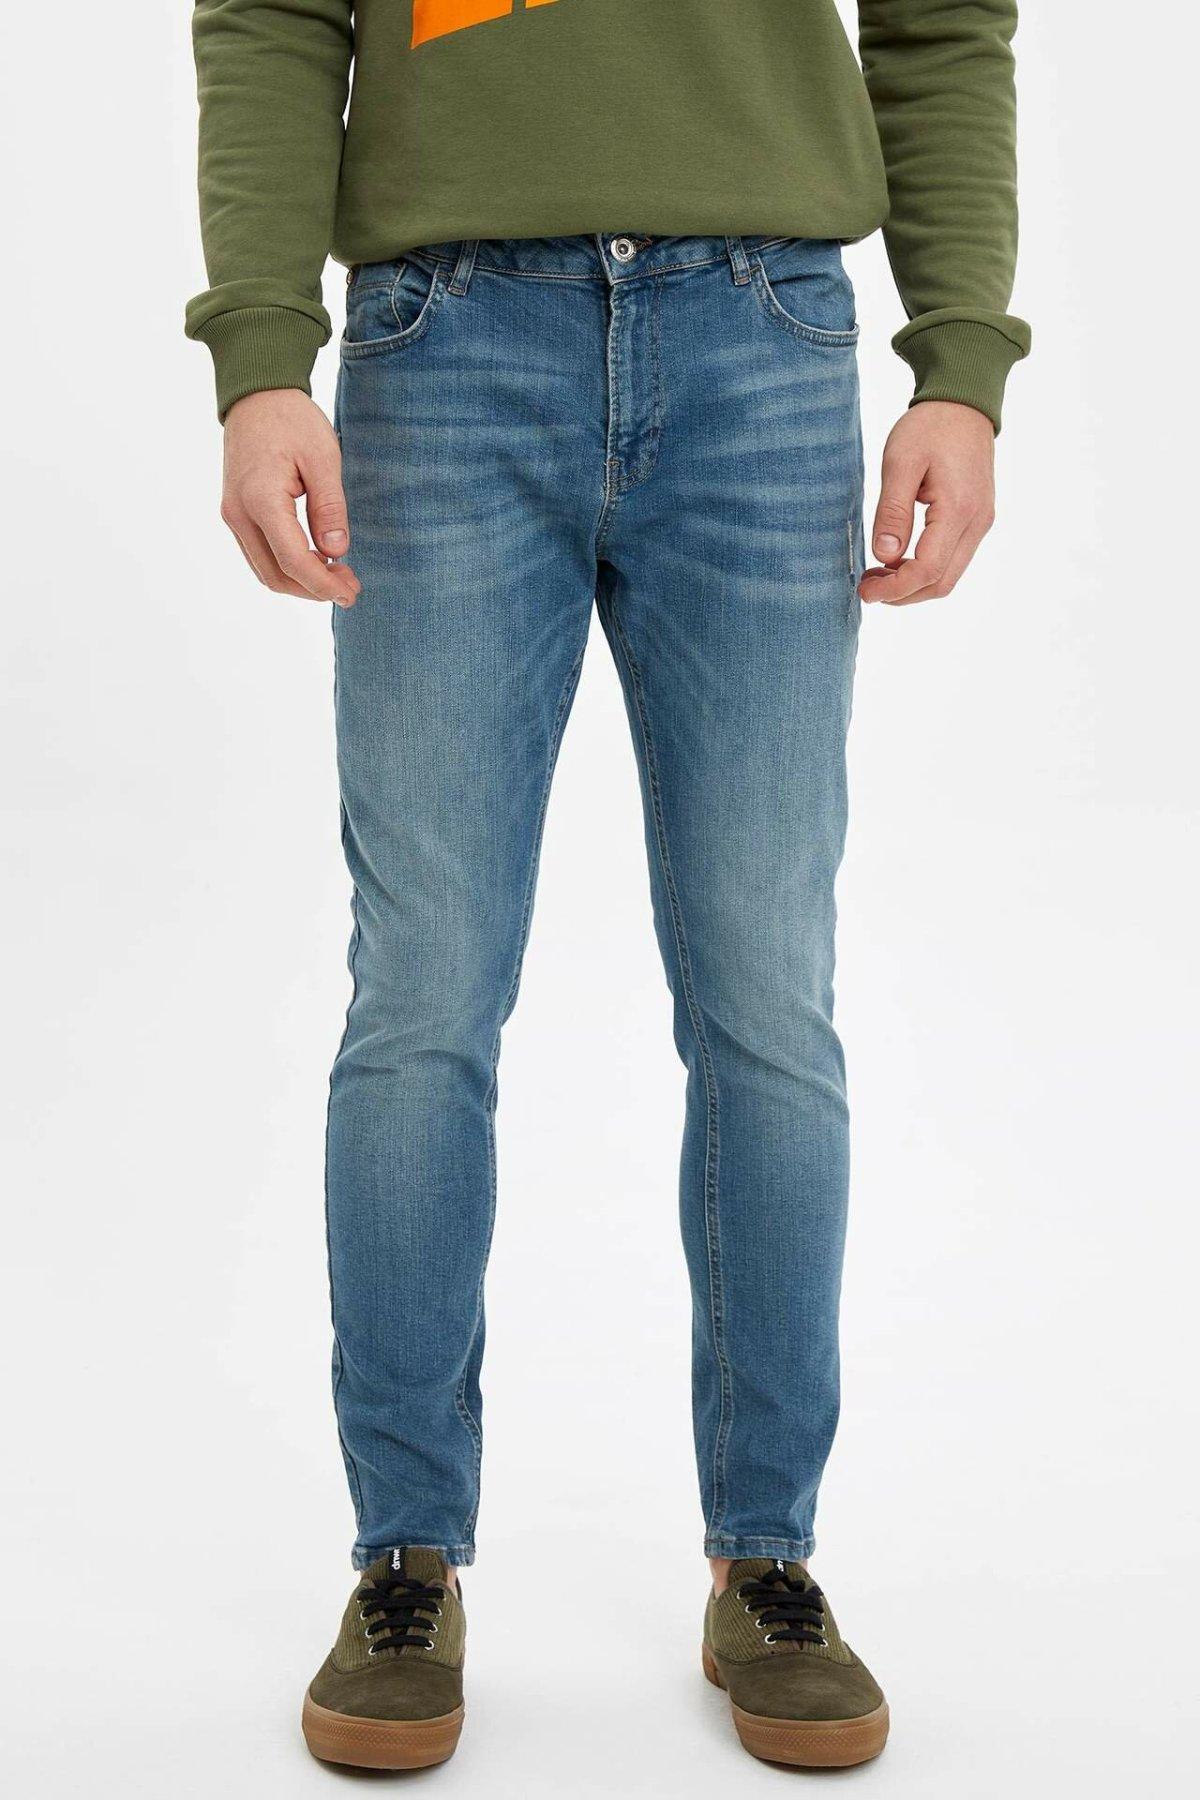 DeFacto Man Spring Washed Blue Denim Jeans Men Casual Mid-waist Bottom Jeans Male Denim PantsTrousers-M1258AZ19AU